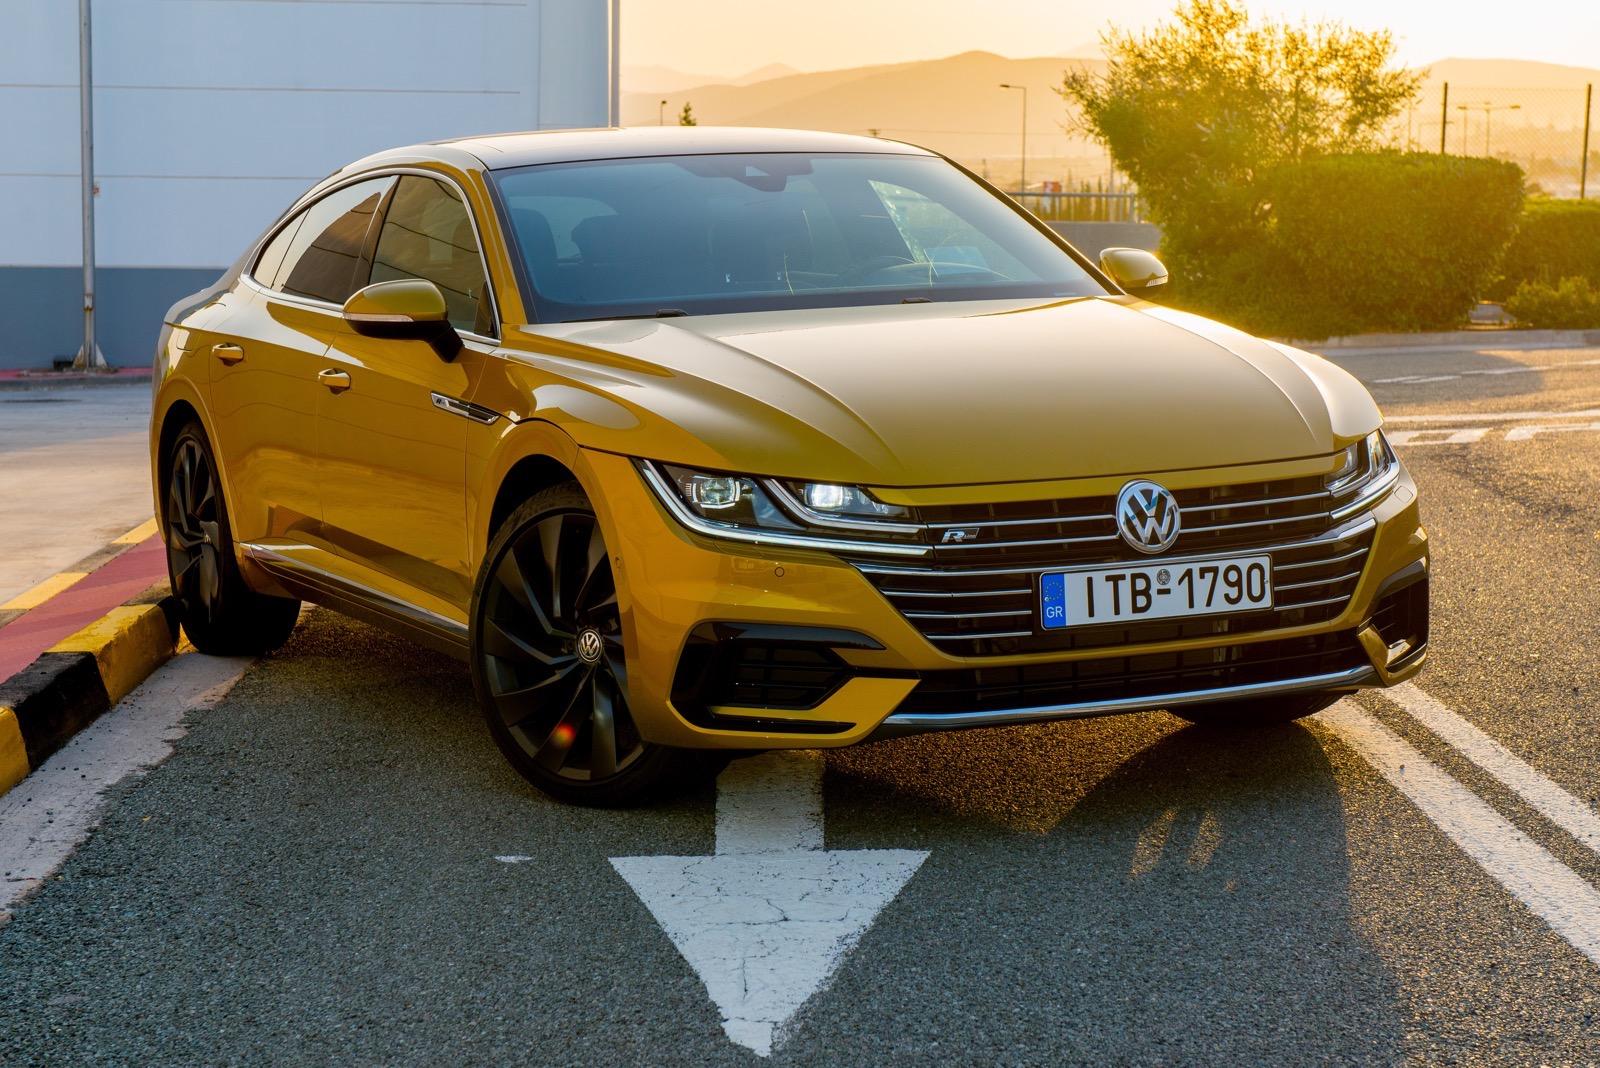 Volkswagen_Arteon_Greek_Presentataion_73